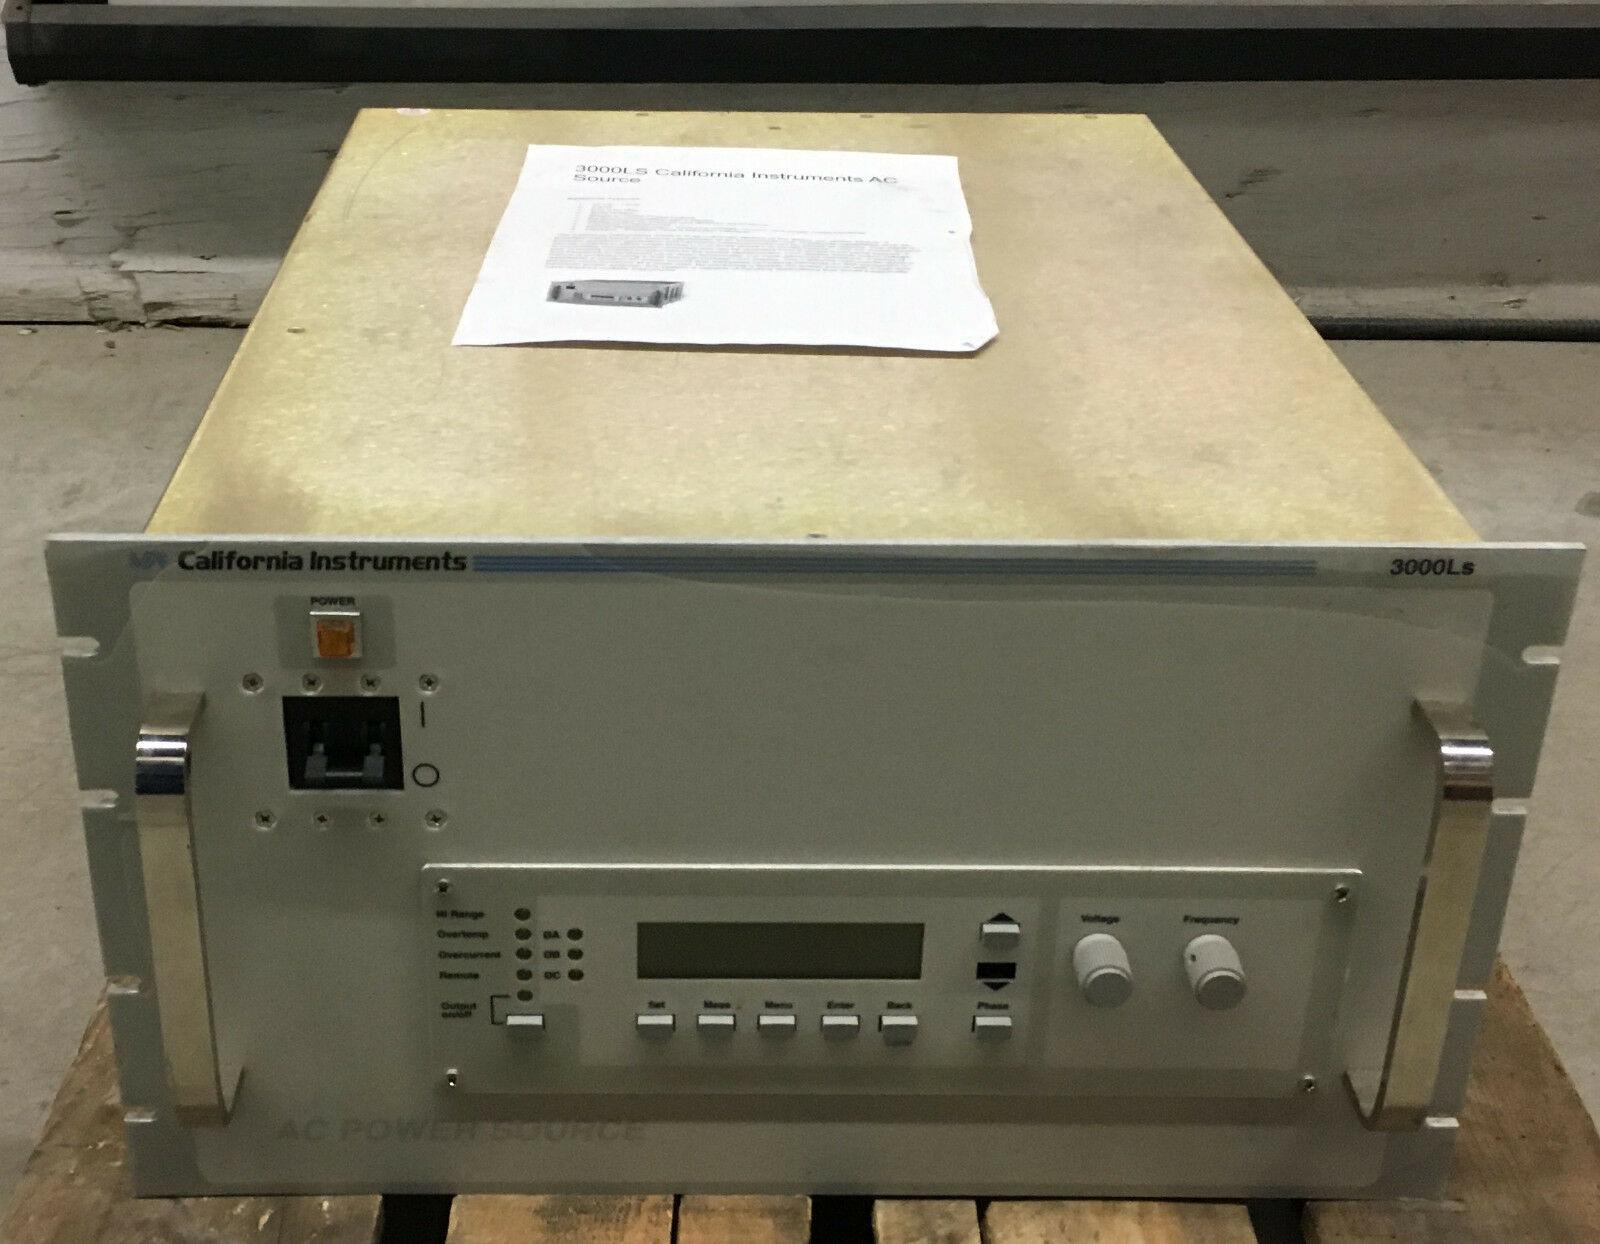 射频电源10KW 库存多